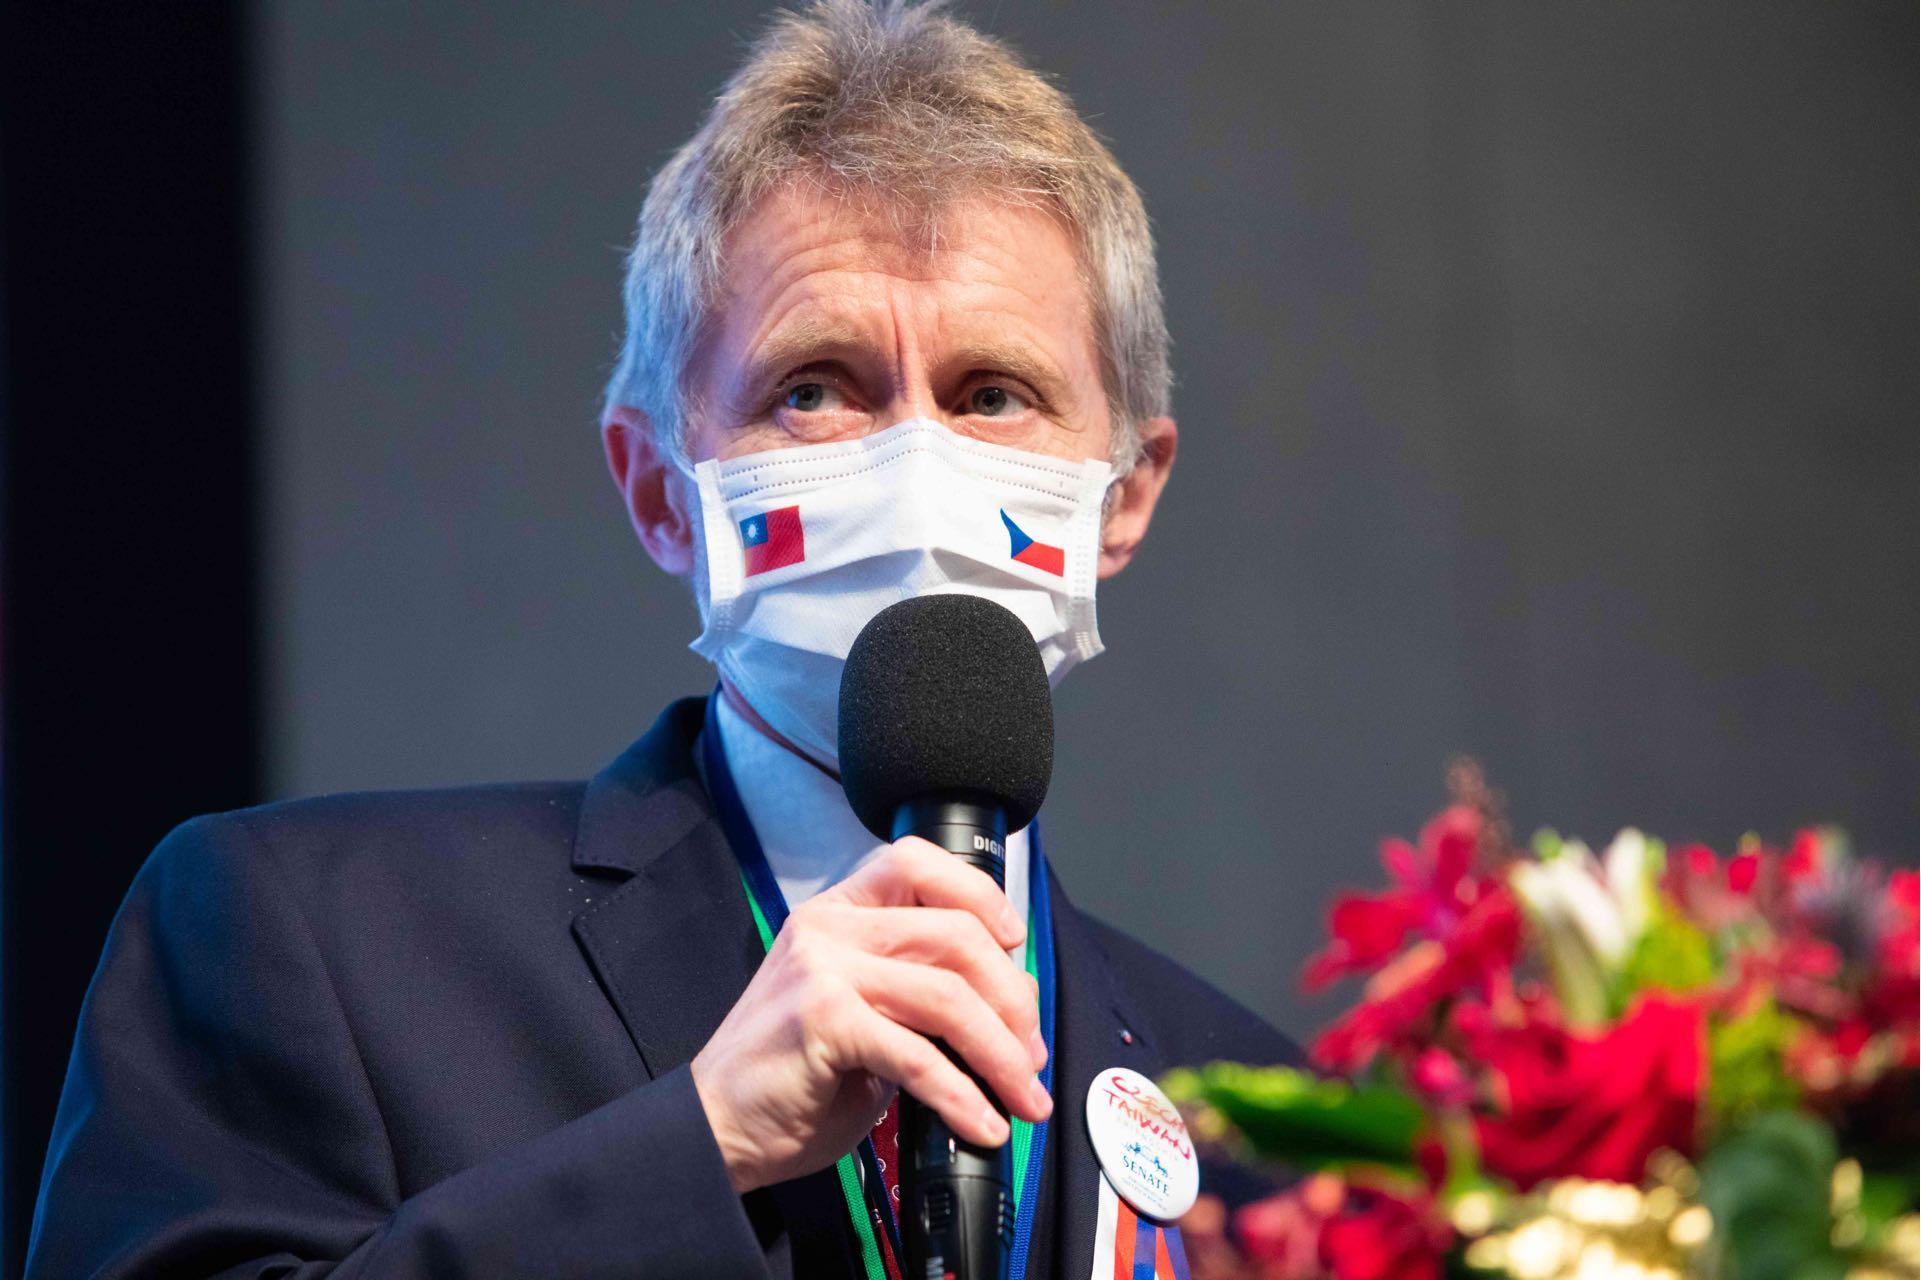 捷克參院議長已返國 促政府了解與台灣合作潛力